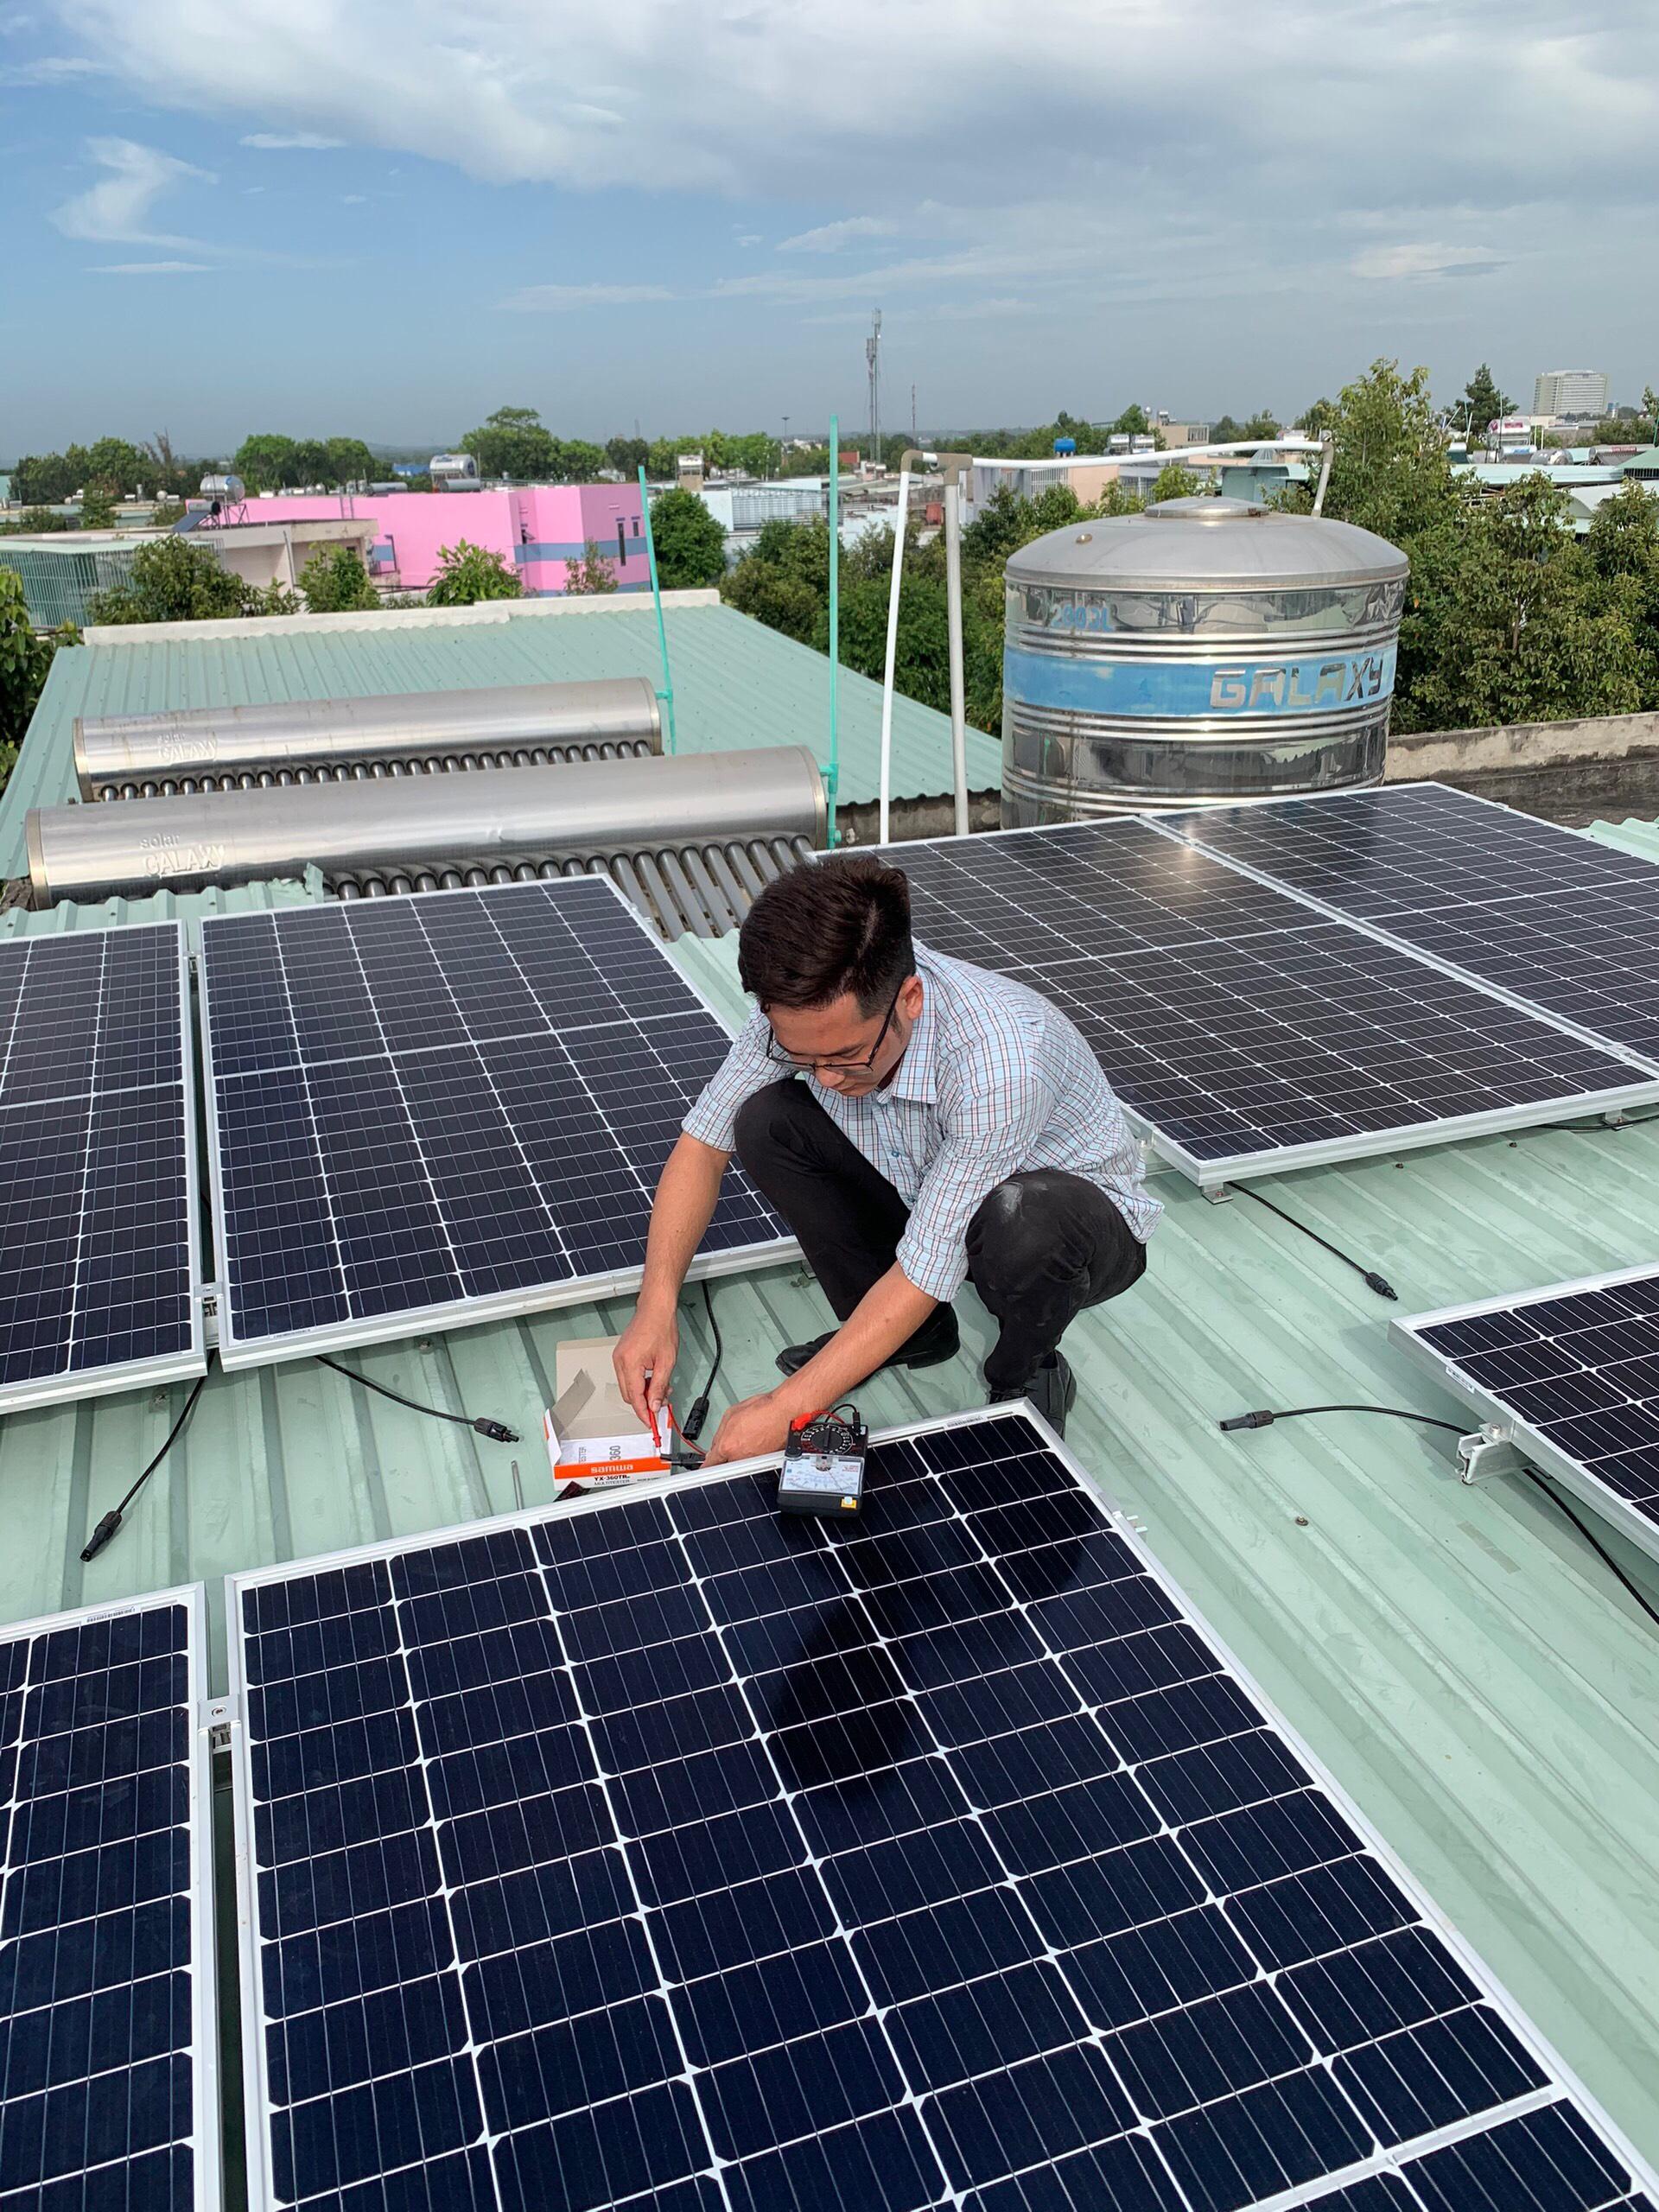 Thi công lắp đặt điện mặt trời Bình Dương